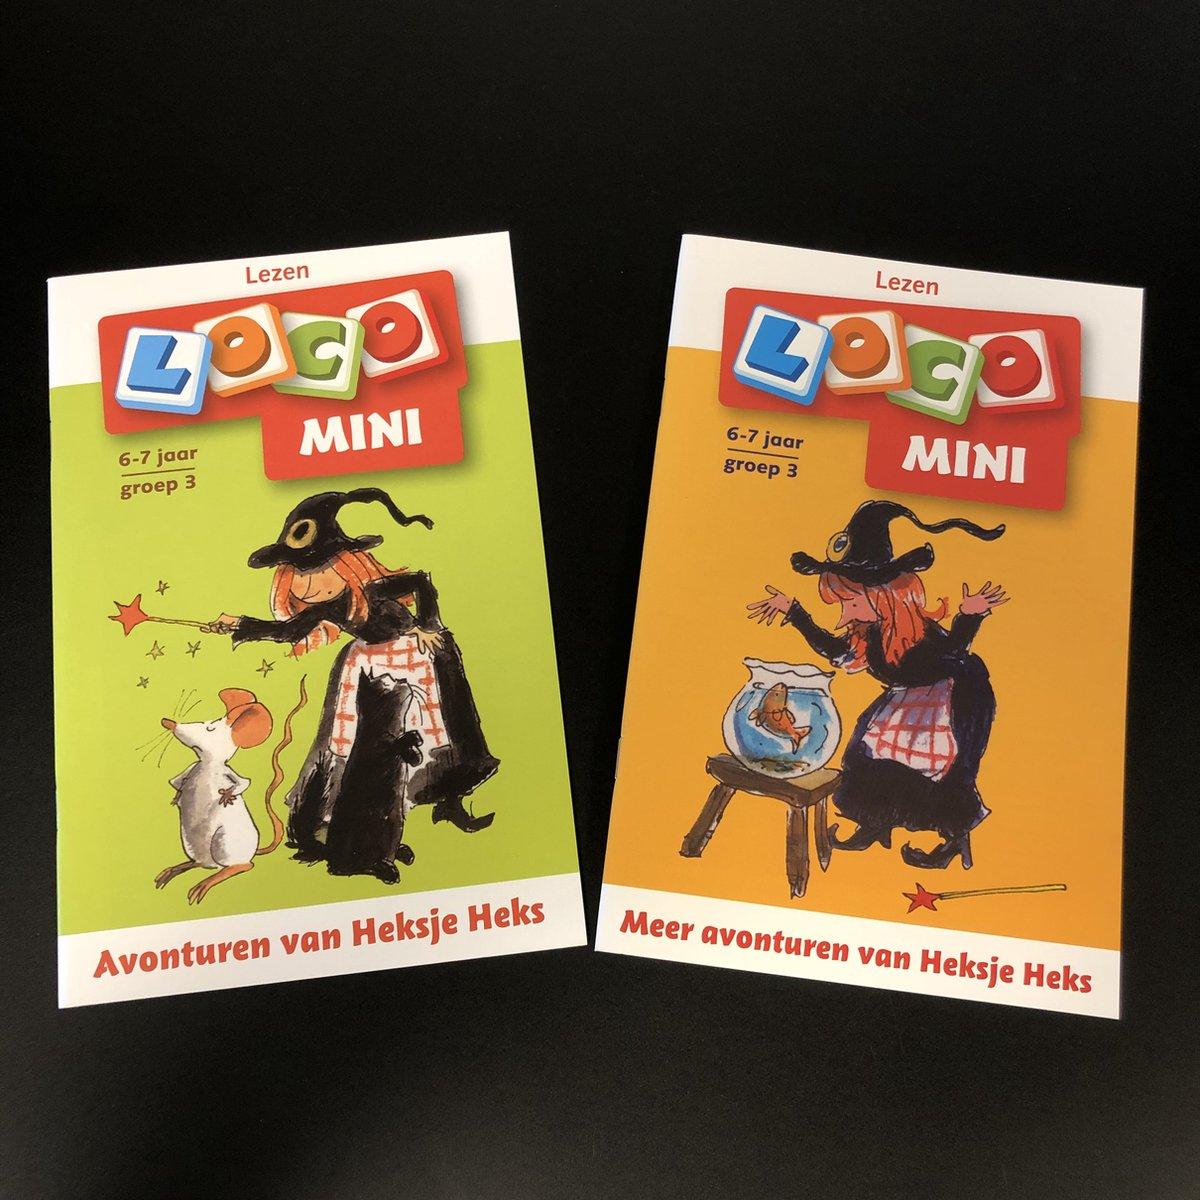 Voordeelset Loco Mini - Avonturen van Heksje Heks + Meer avonturen met Heksje Heks - groep 3/4